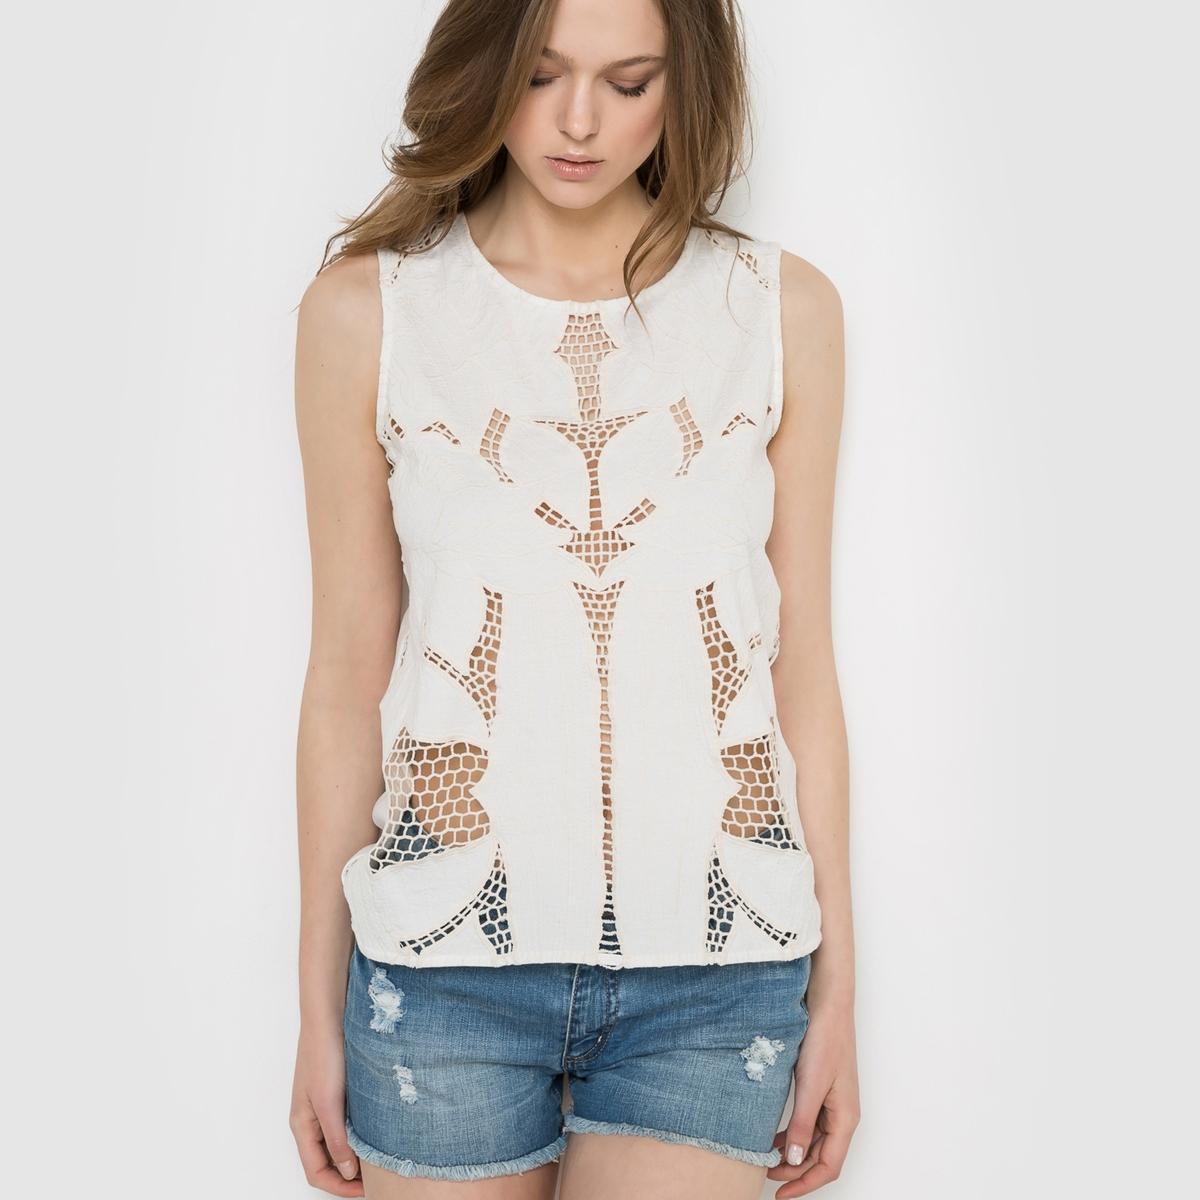 Блузка без рукавов с ажурной вышивкой VERO MODA REGINA